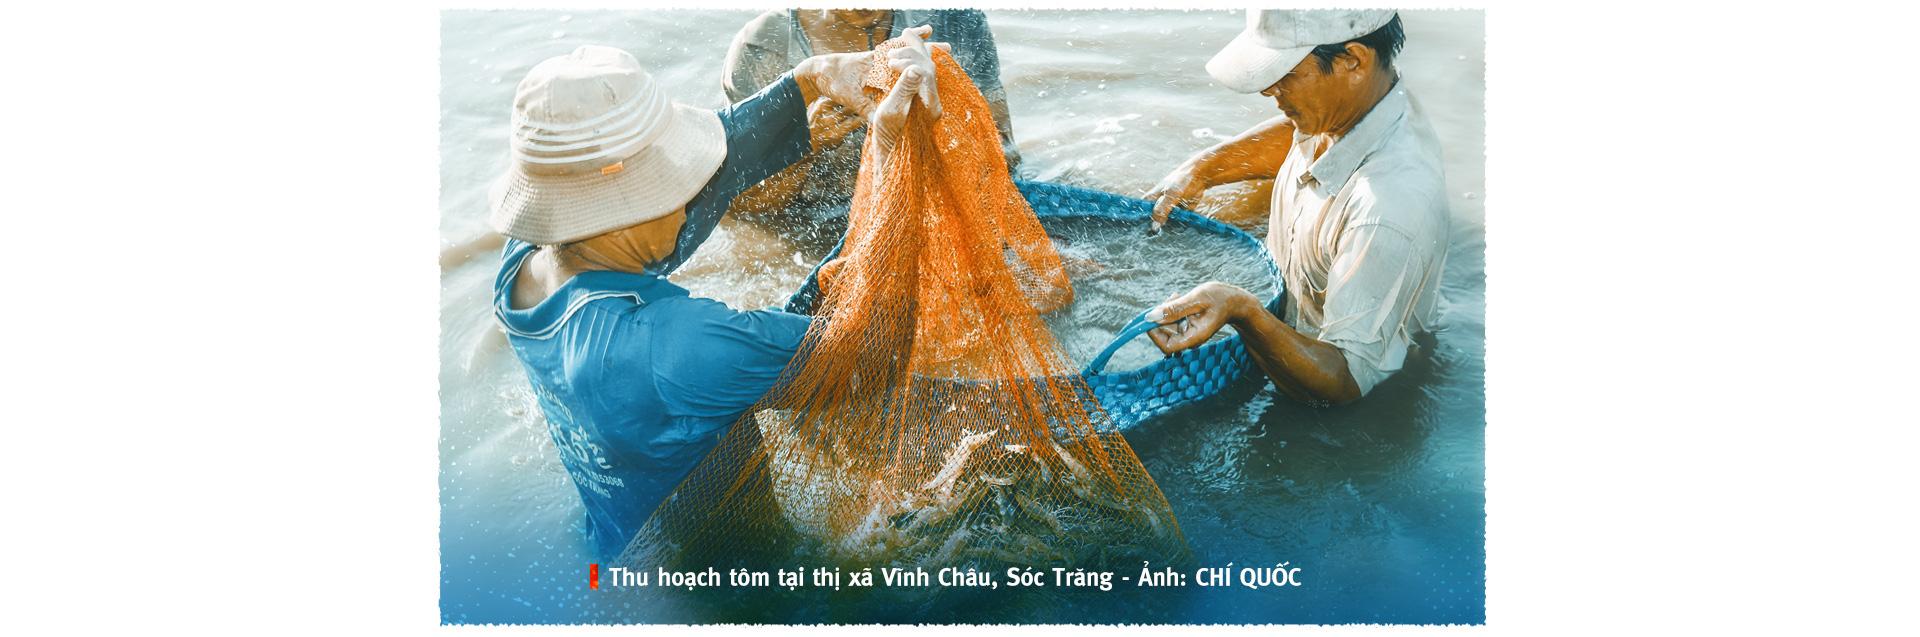 Vượt sóng COVID-19: Thủ phủ tôm Sóc Trăng vào vụ 'trúng bể tay' - Ảnh 2.